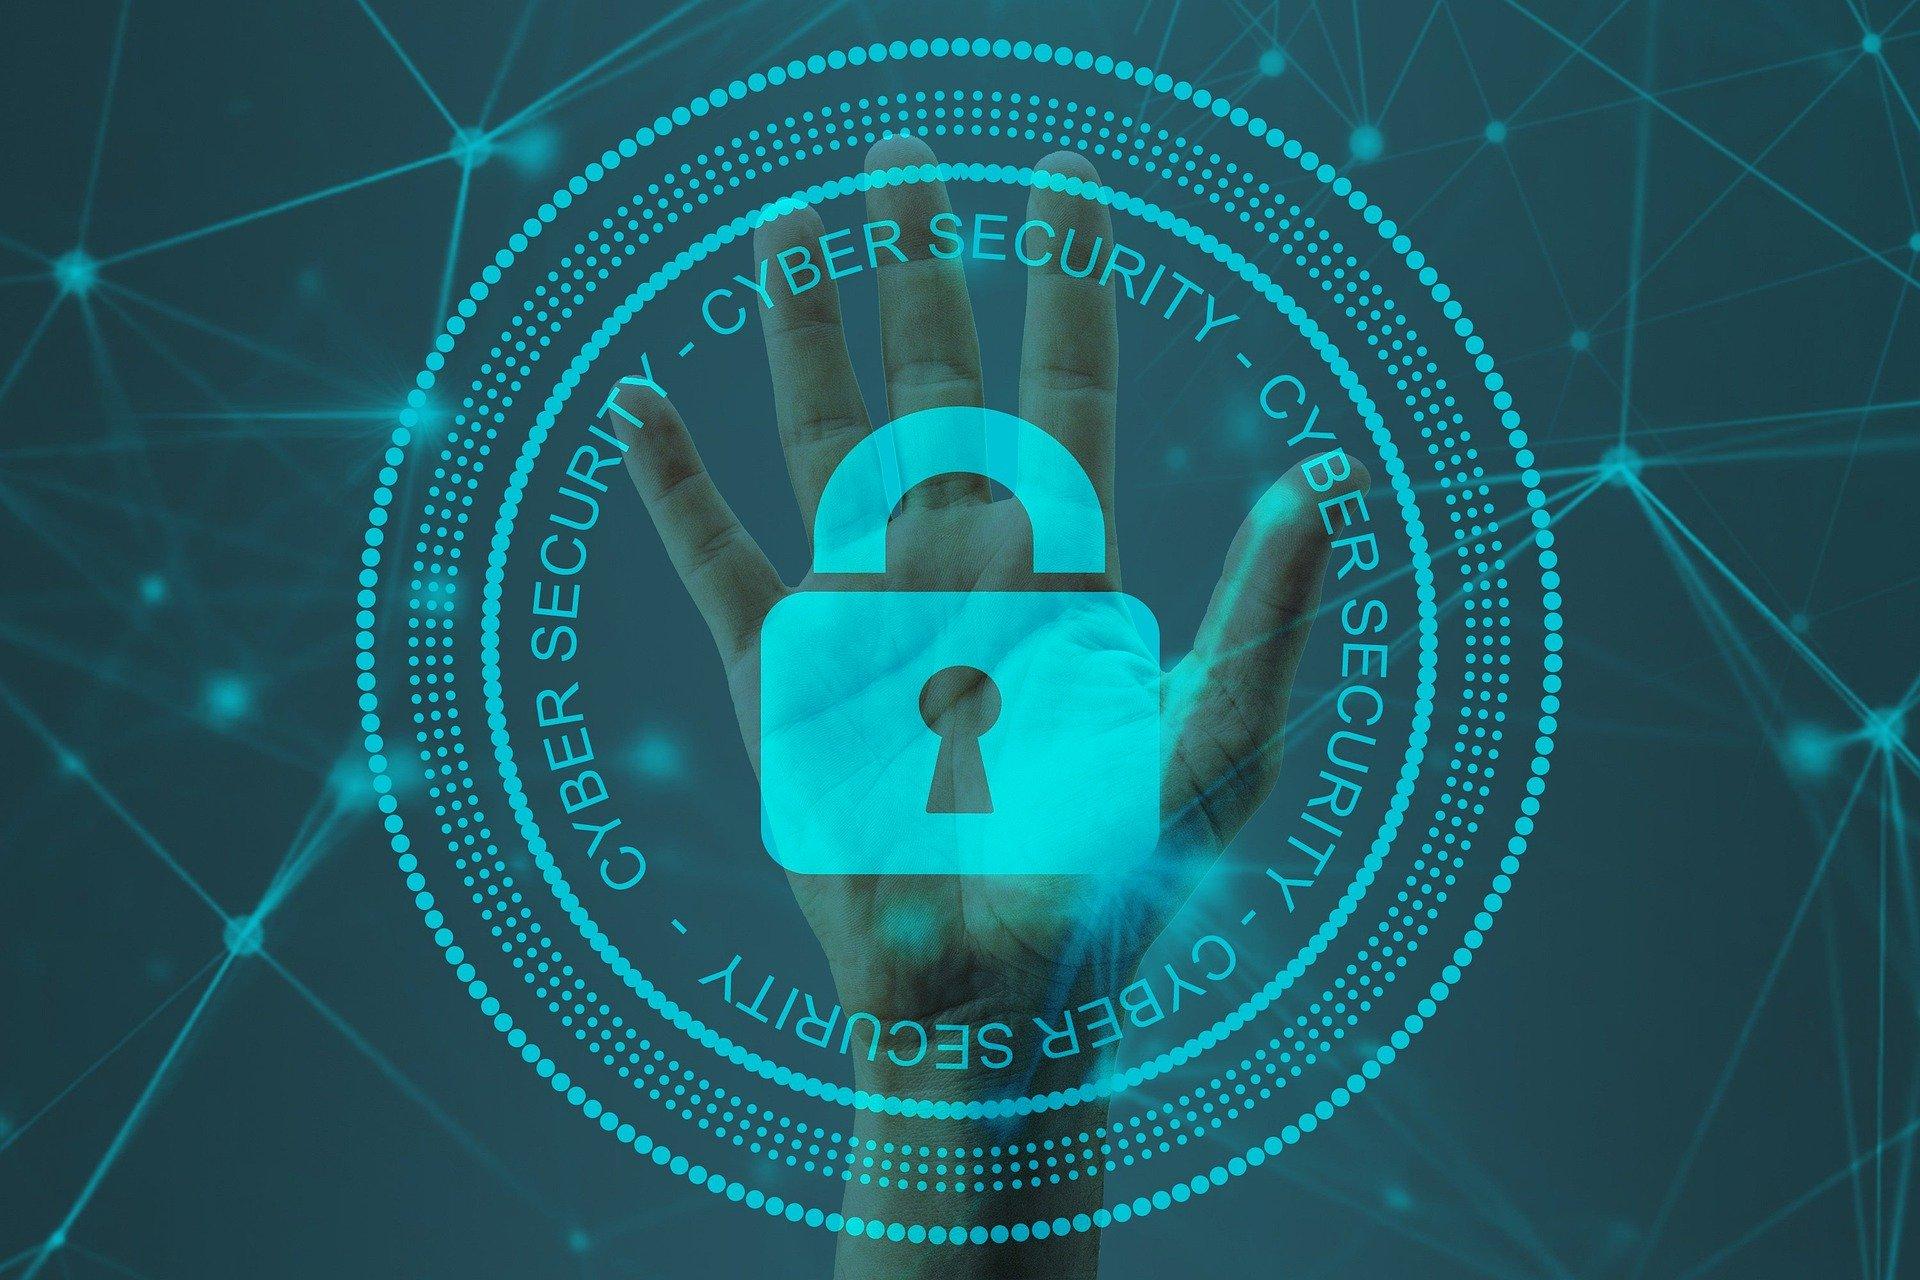 Waarom beveiligen Nederlandse organisaties hun netwerk en data onvoldoende?